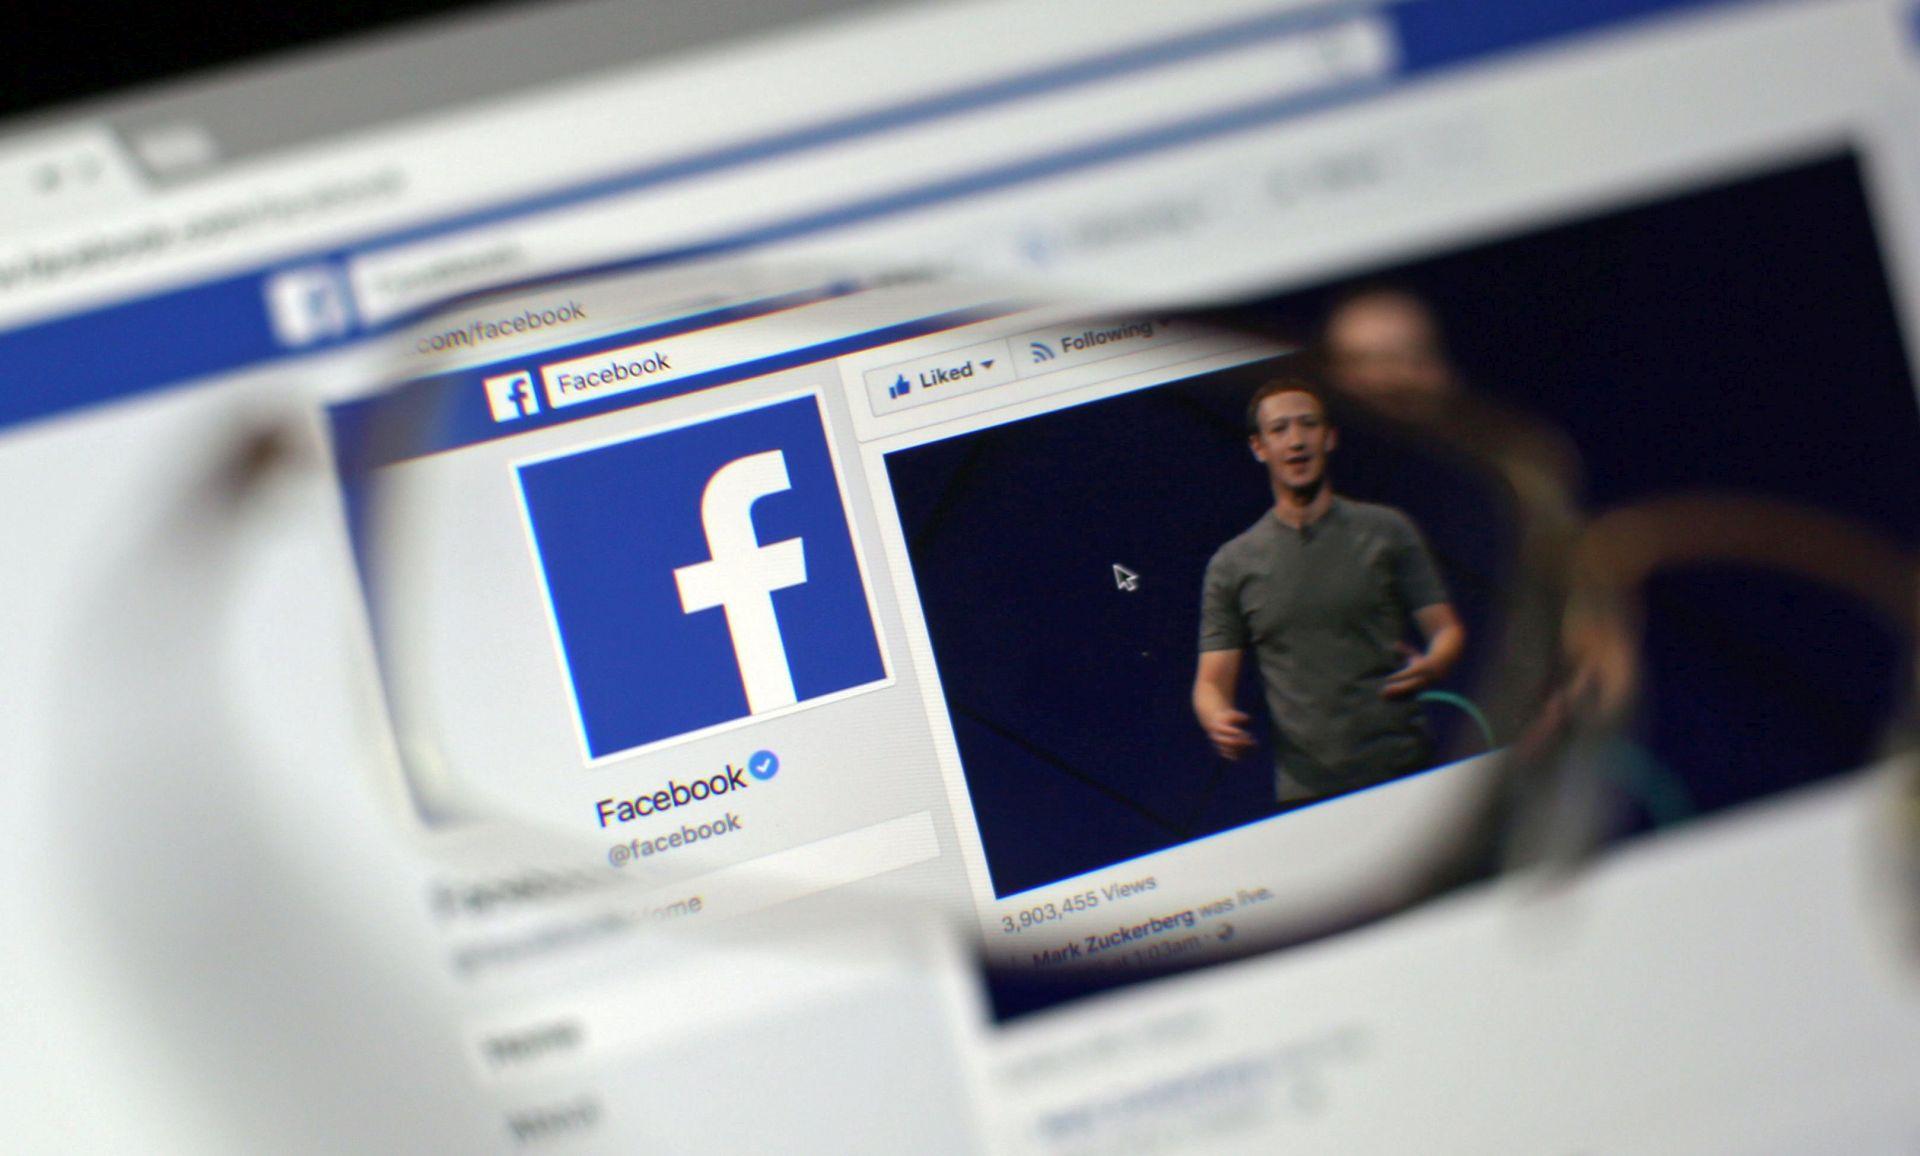 Vlasnik Facebooka kupuje Tottenham, Spursi demantirali vijest